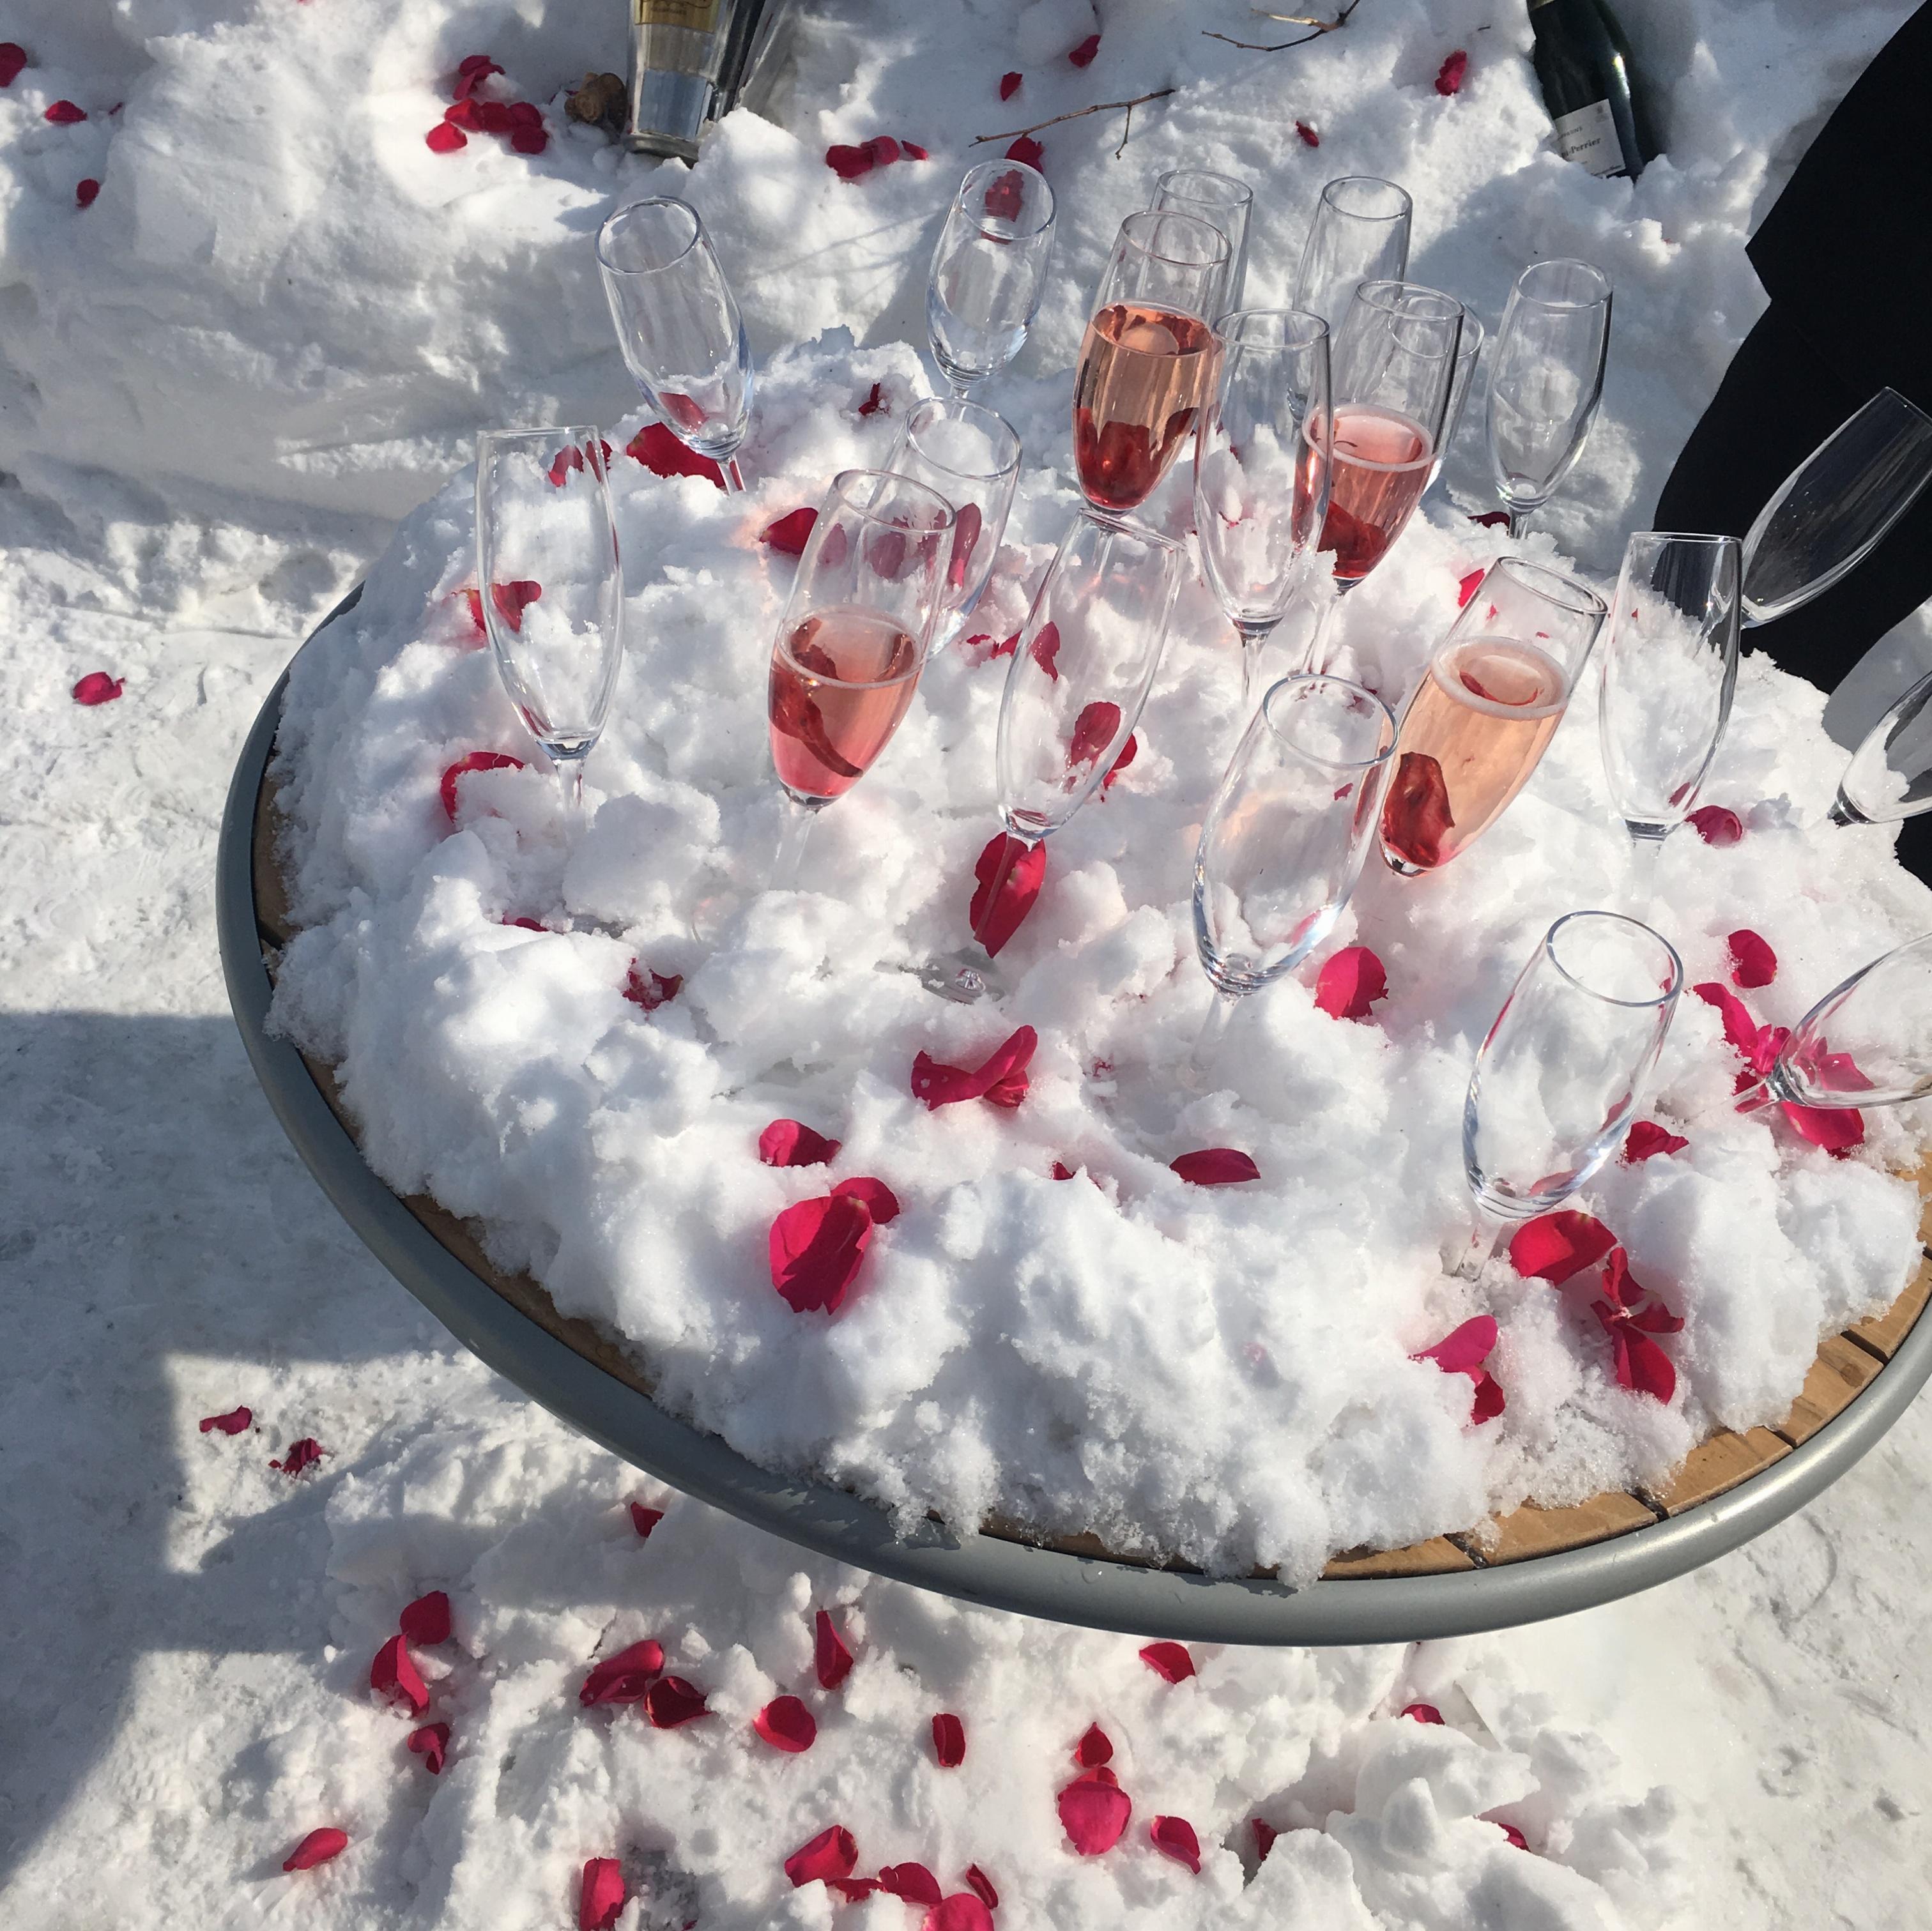 スノボもスキーも出来なくても楽しめる! 「星野リゾート リゾナーレトマム」の『雪ガールステイ』で知った冬山の新しい楽しみ方♡_7